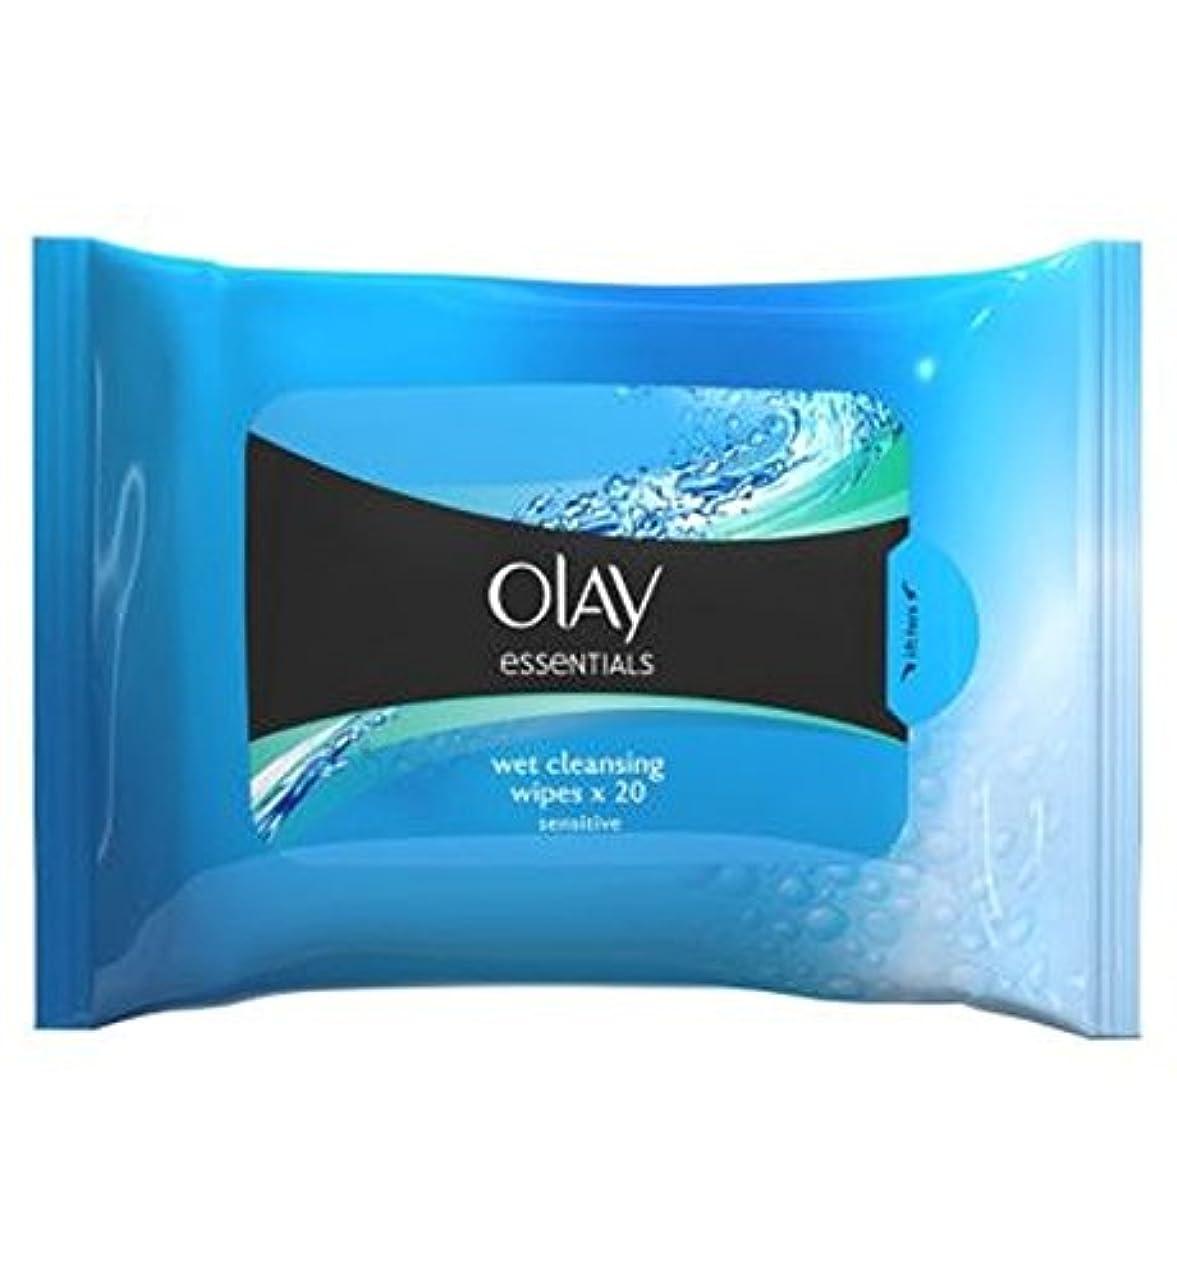 収まる感謝祭採用顔の敏感なクレンジングは、再シール可能なポーチX20にワイプオーレイの必需品 (Olay) (x2) - Olay Essentials Facial Sensitive Cleansing Wipes in Resealable...